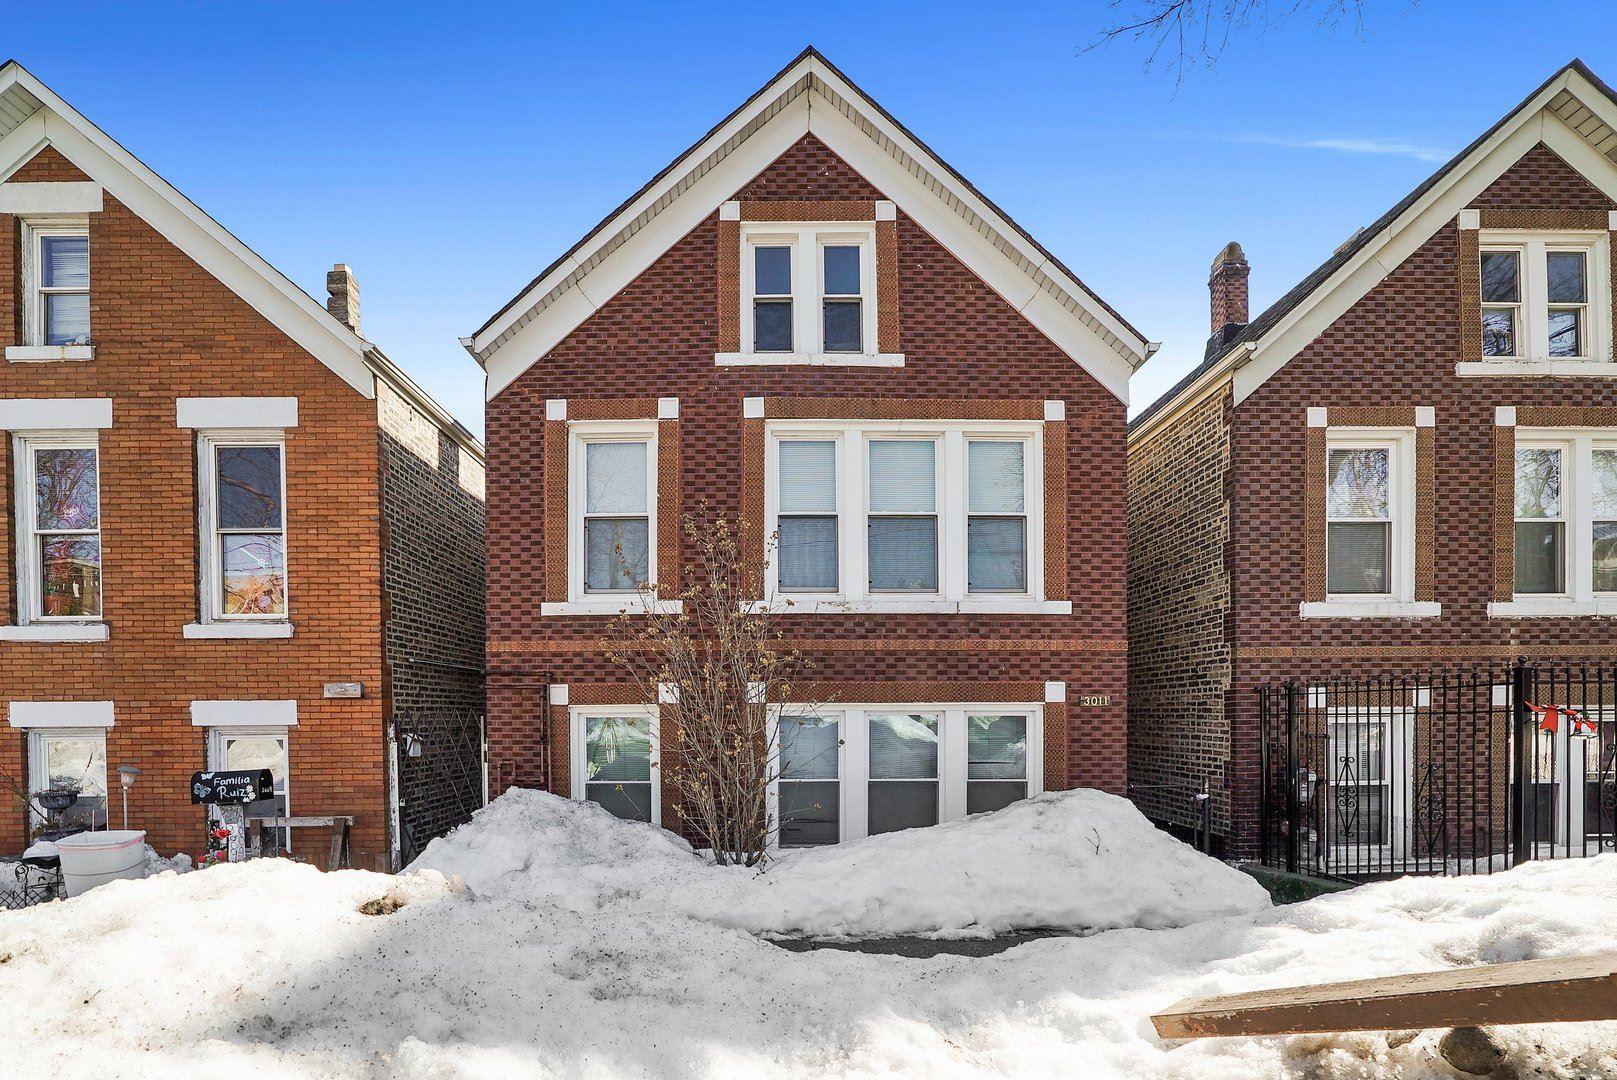 Photo of 3011 S HOMAN Avenue, Chicago, IL 60623 (MLS # 11005819)